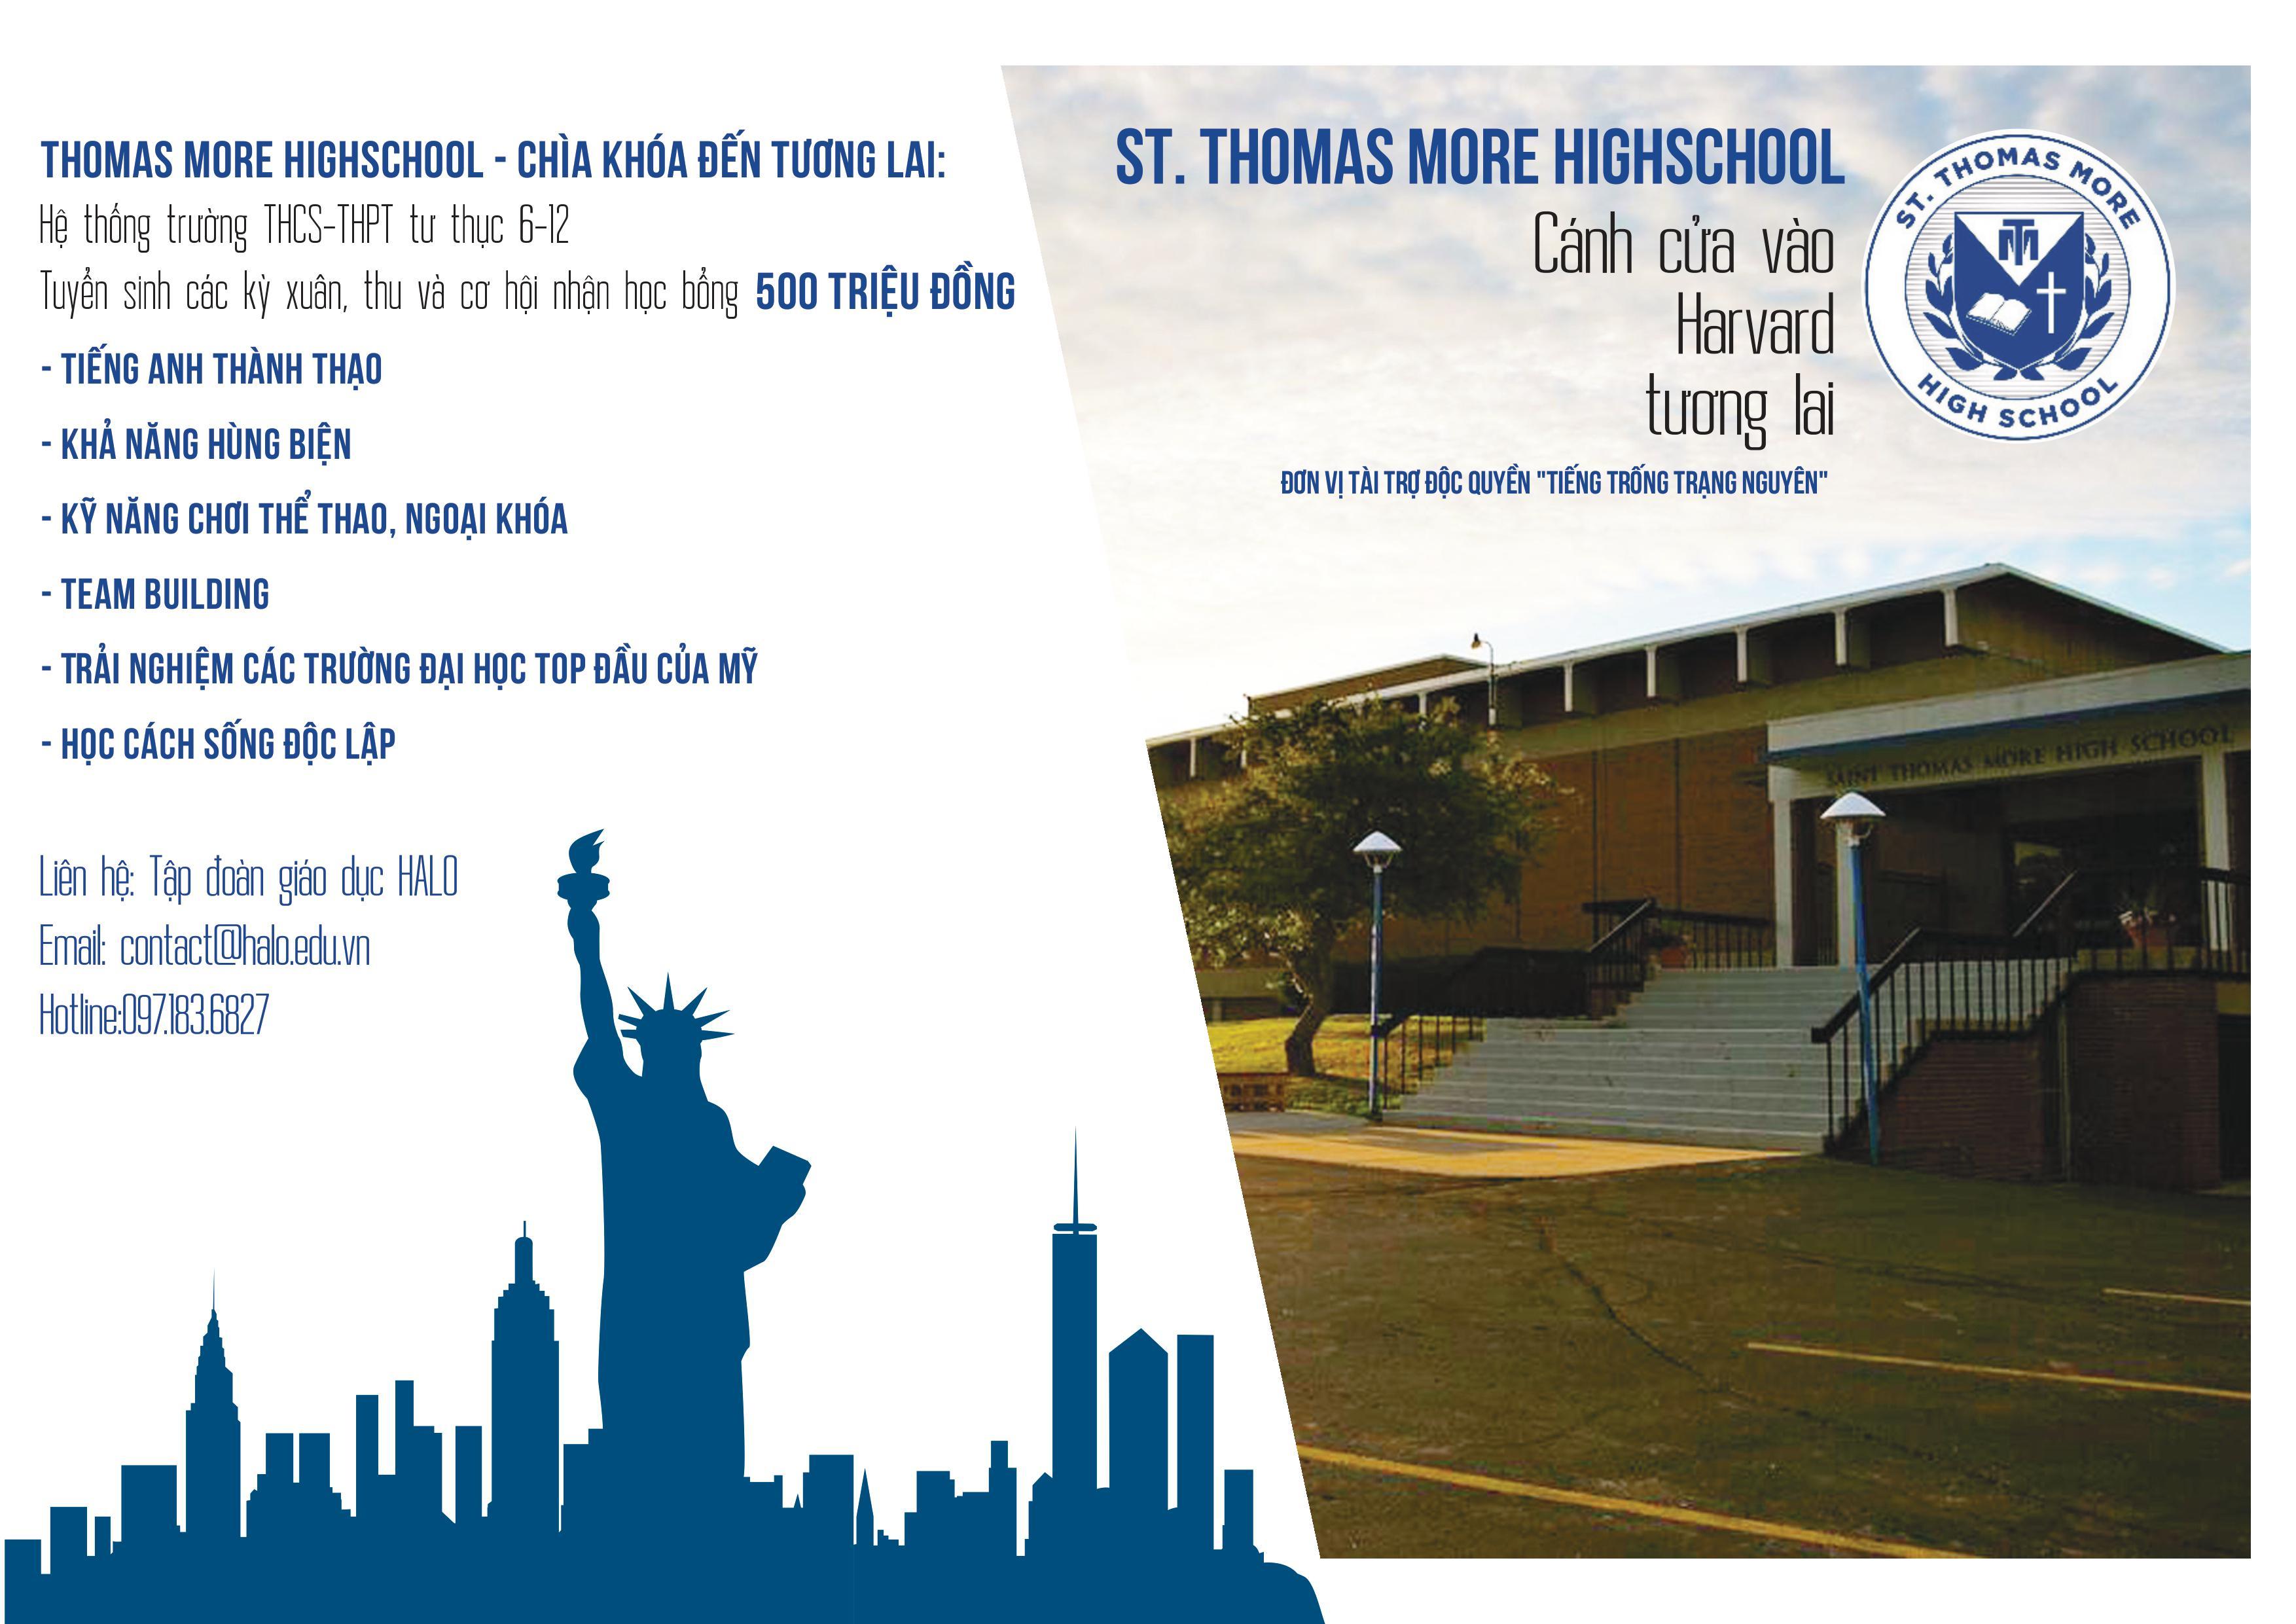 Những lợi ích khi học tại THPT ST. Thomas More High School